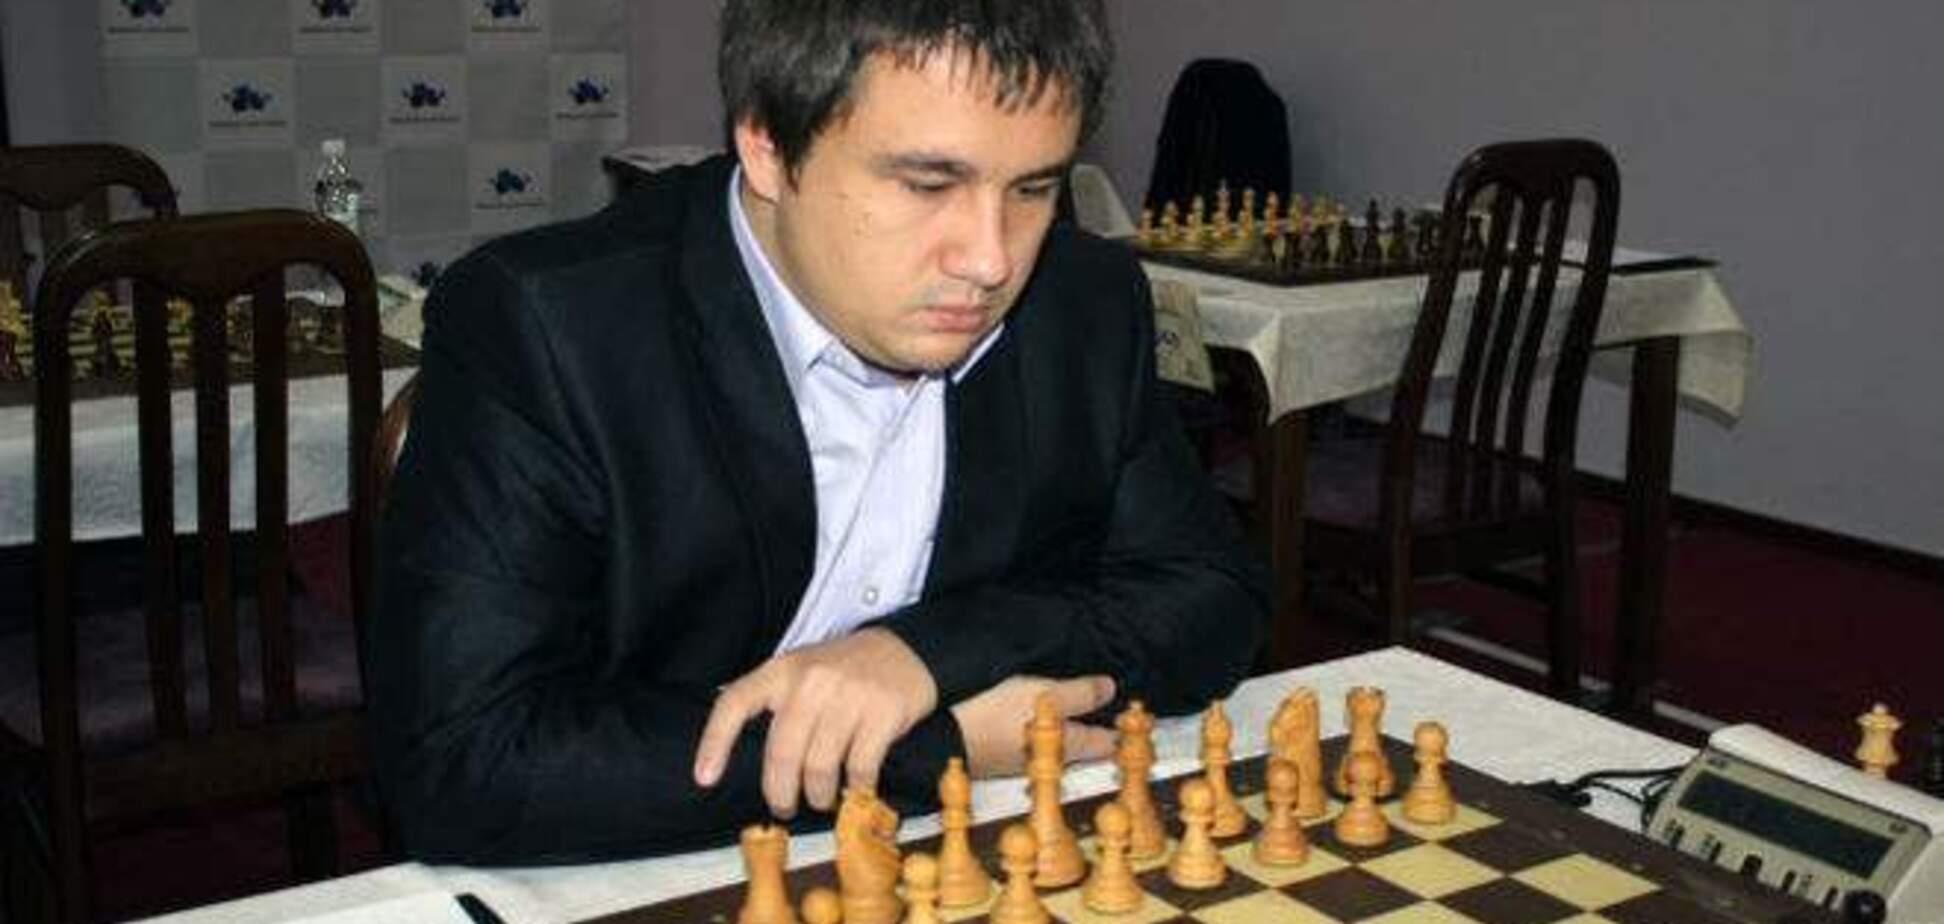 Чемпион Украины Юрий Кузубов: я рад находиться в Одессе